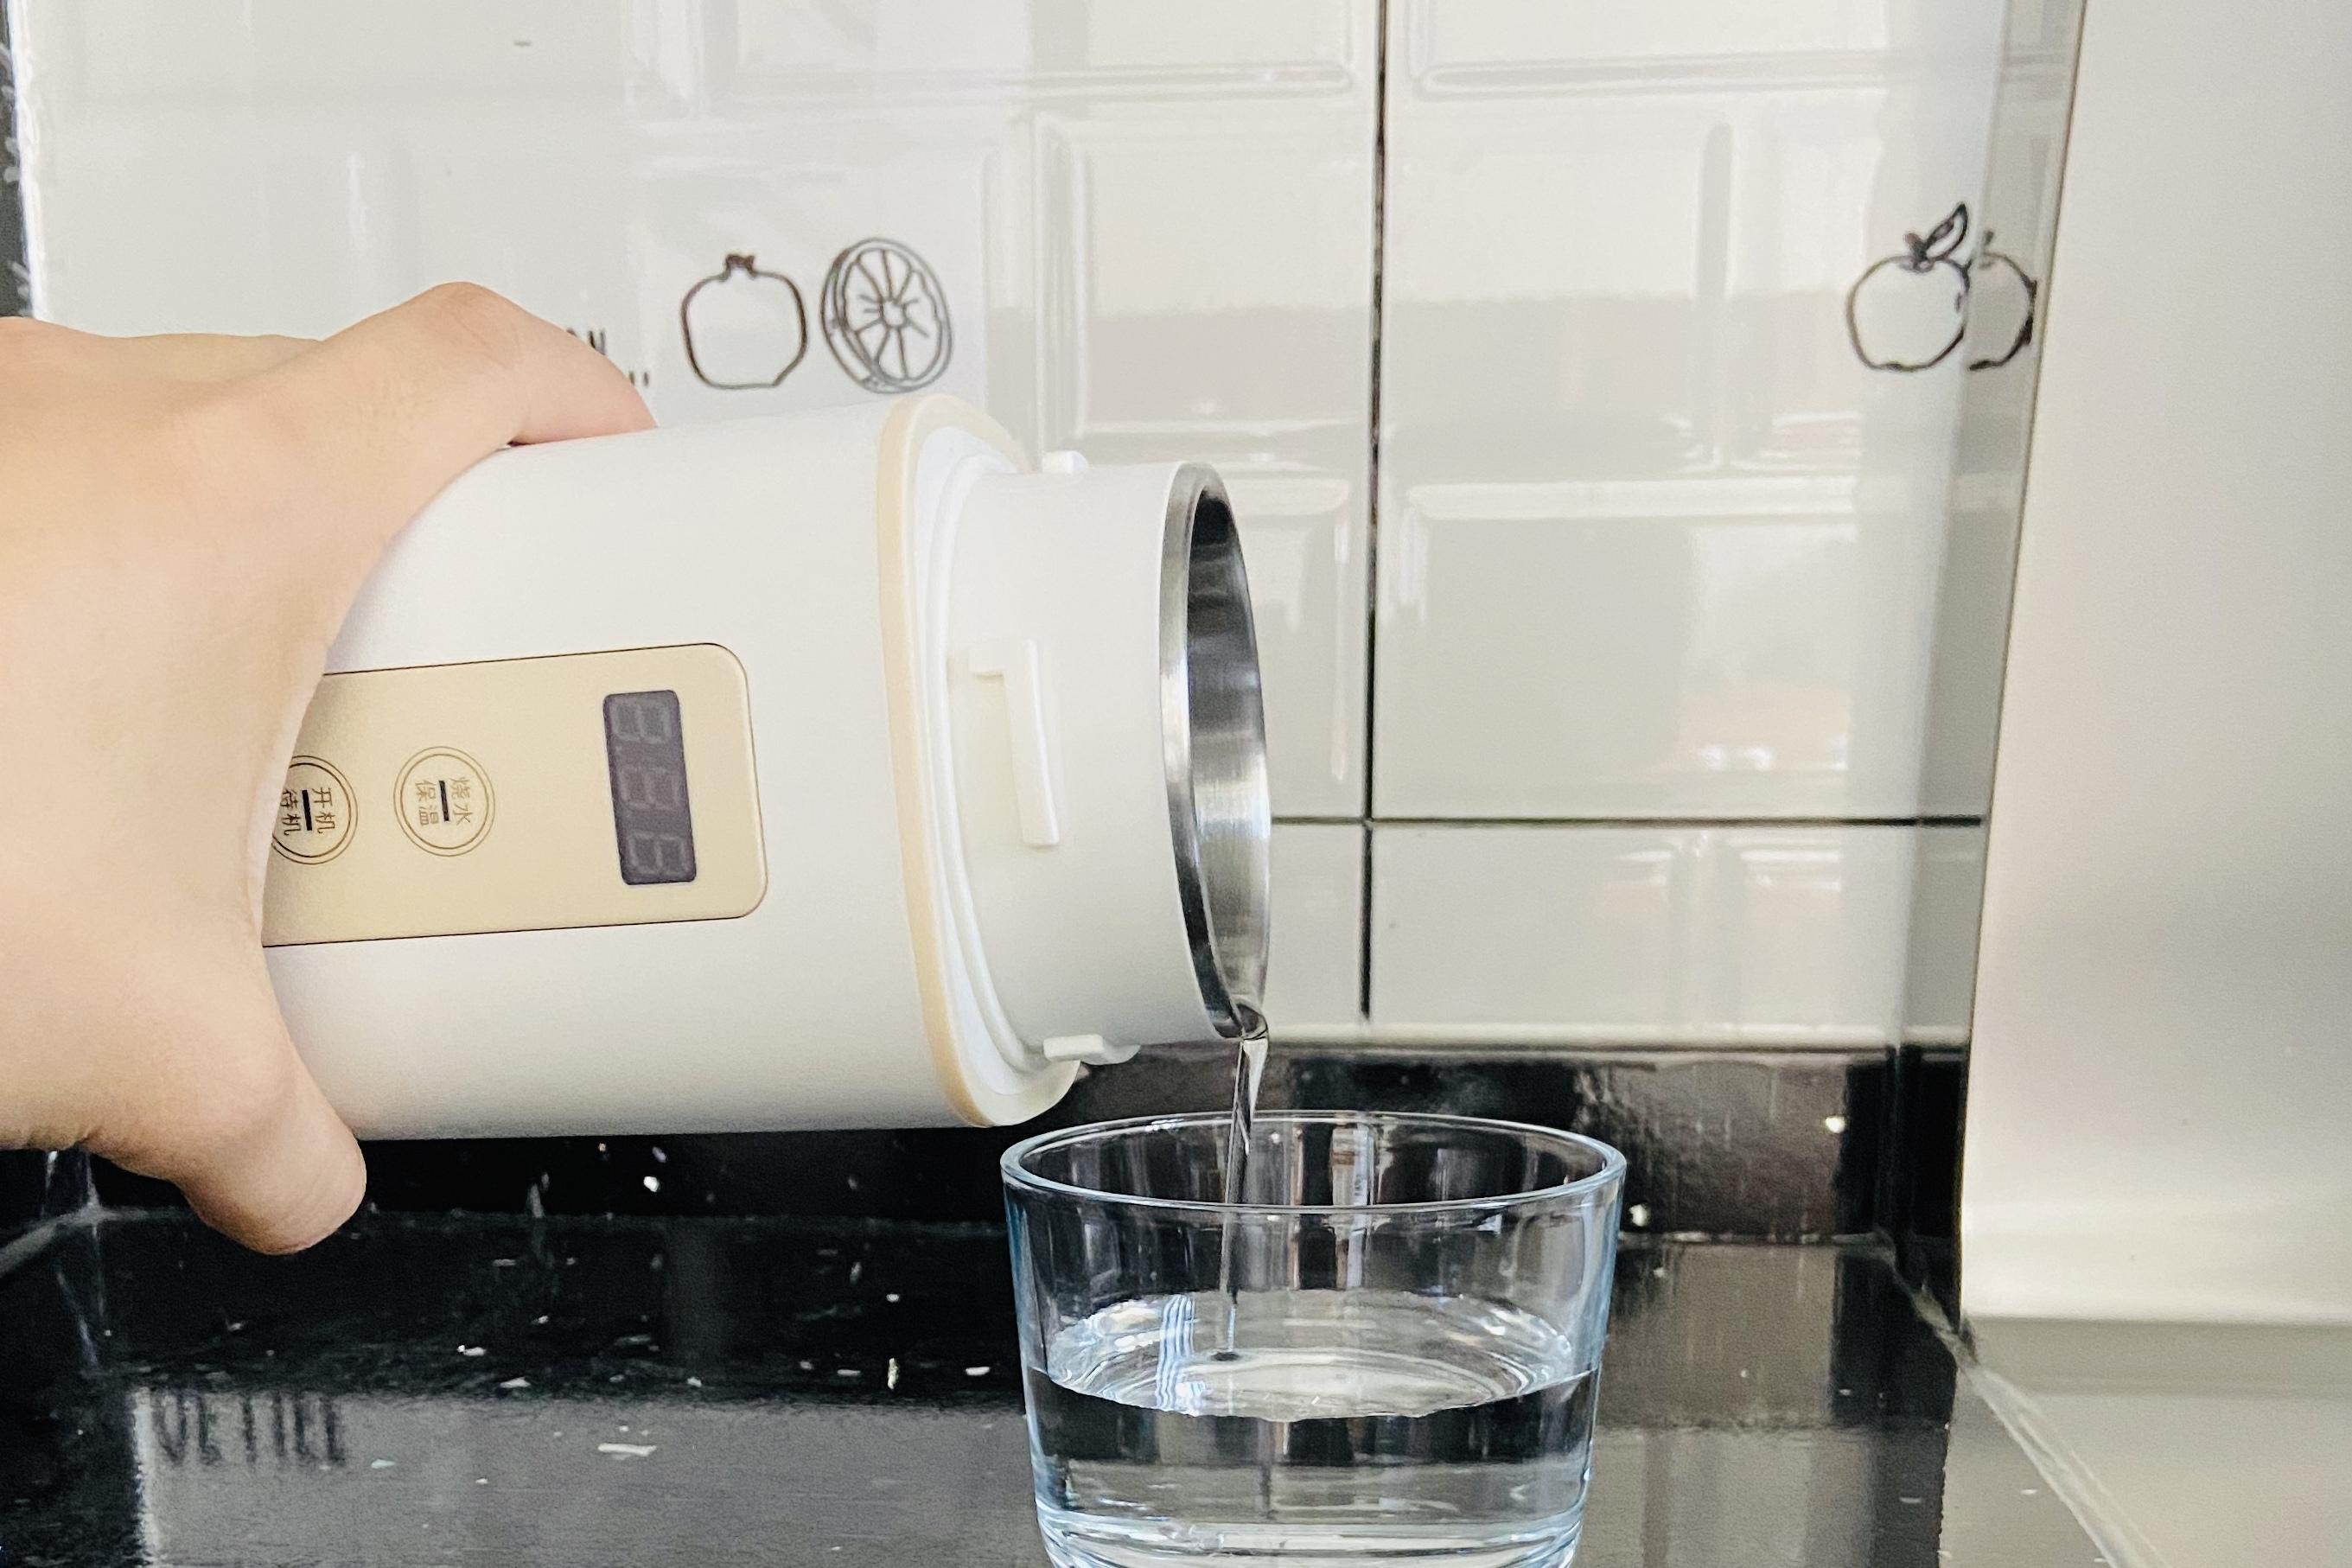 喝水一步到位,大宇便携烧水壶给我的一点感悟